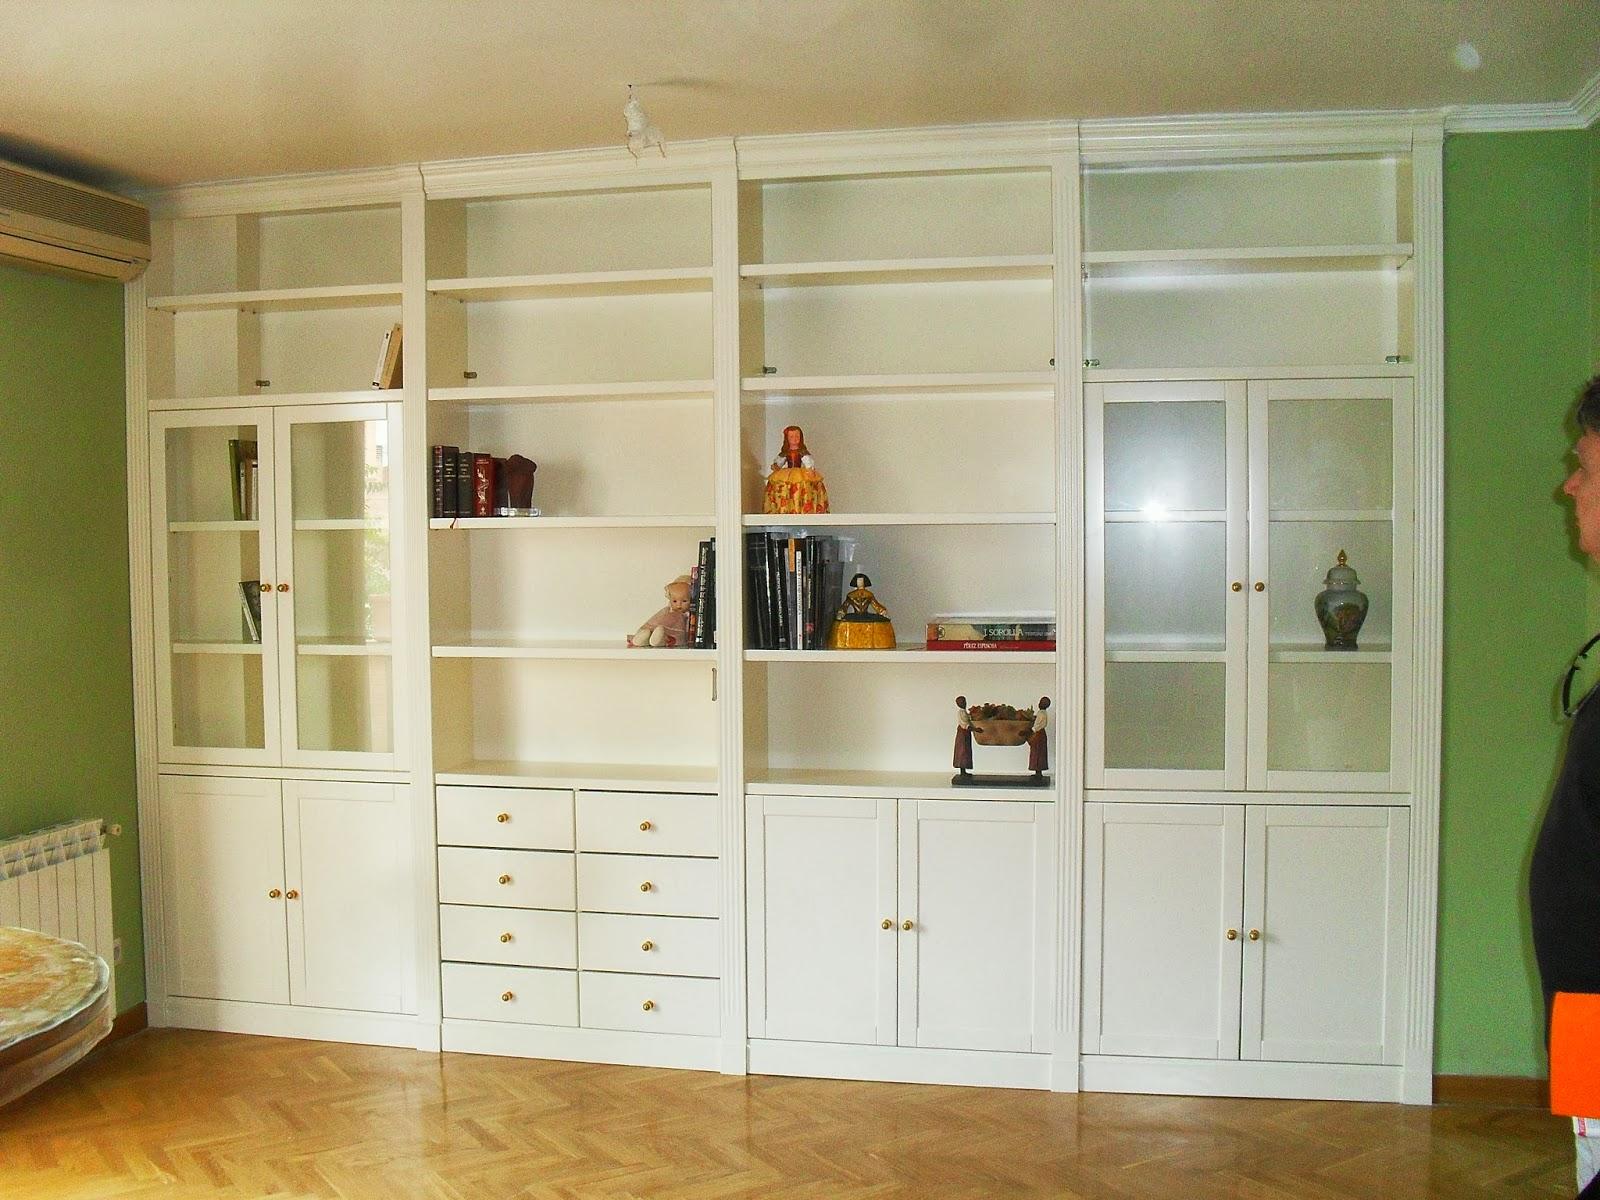 Librerias a medida madrid muebles librerias lacadas de - Librerias a medida en madrid ...